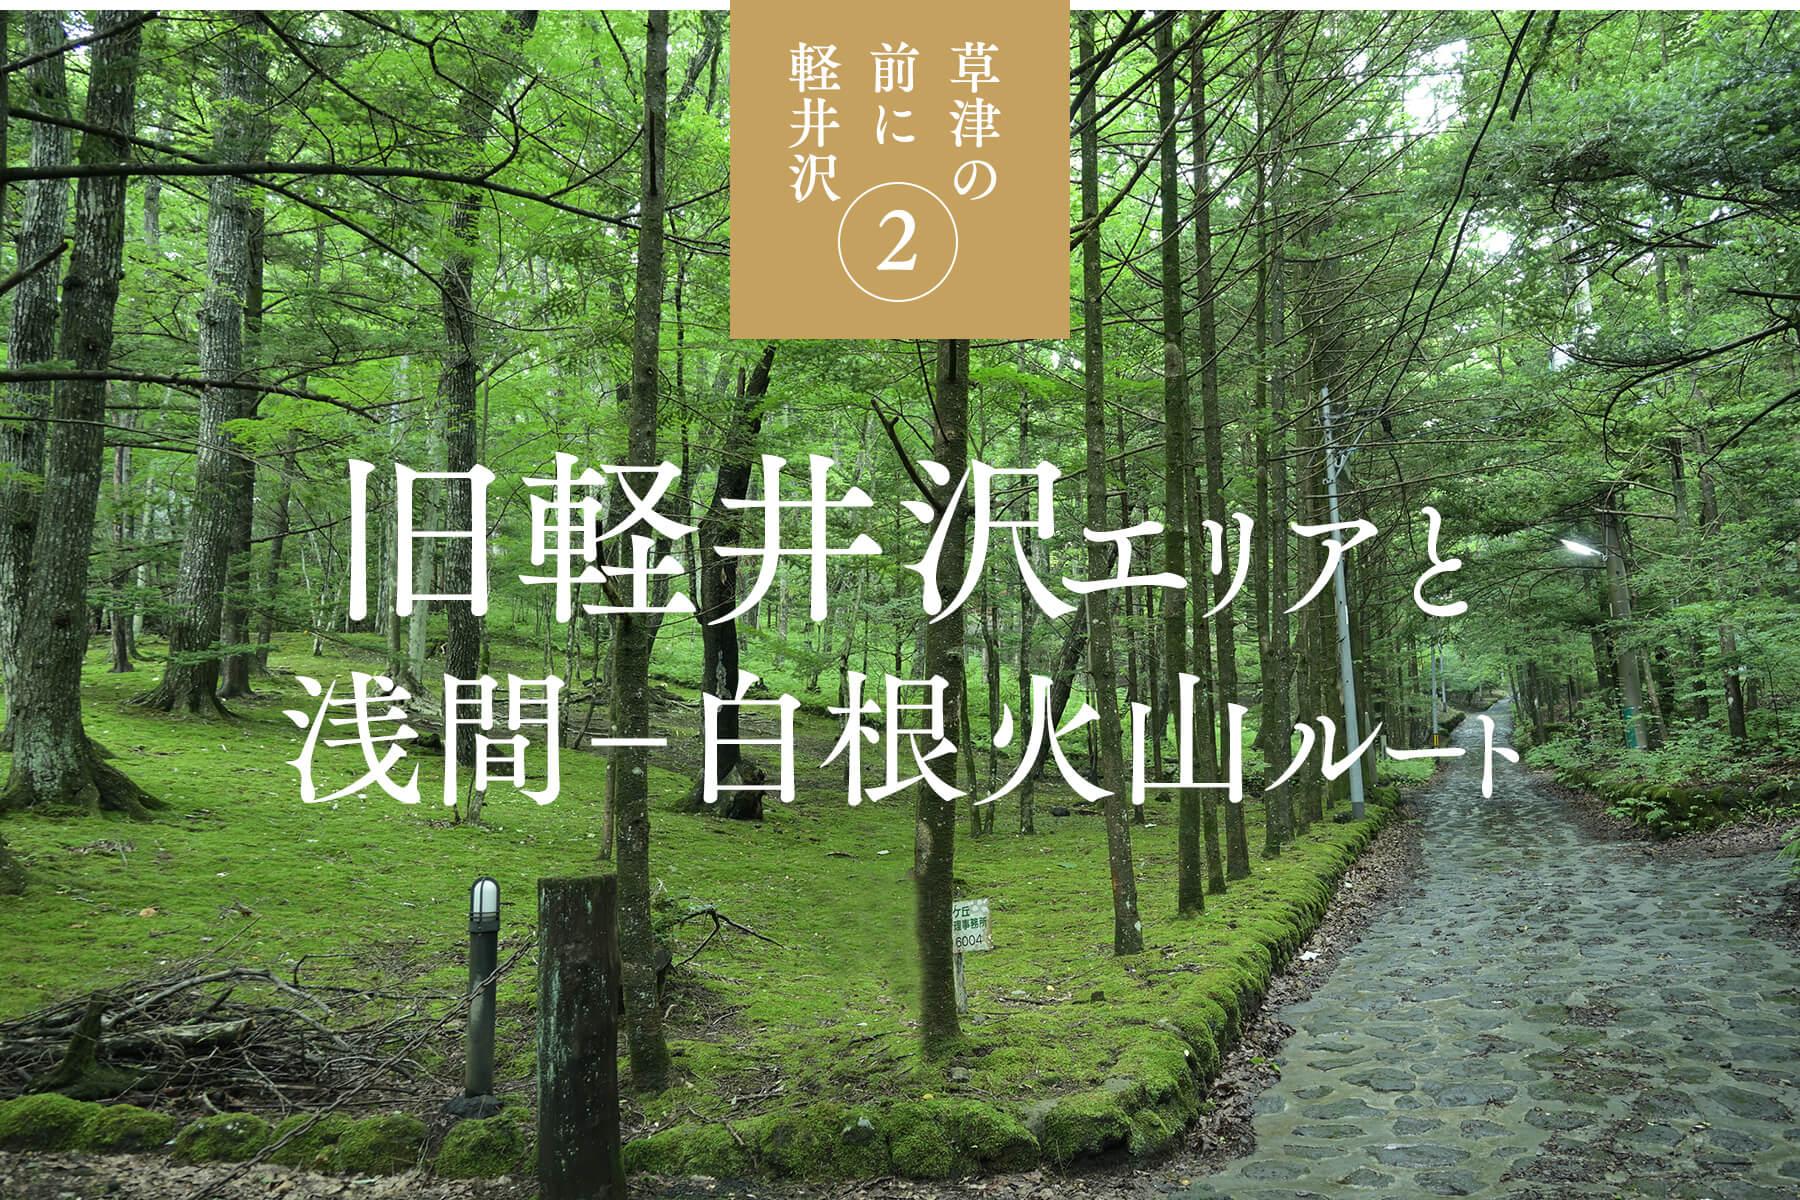 軽井沢から草津温泉へ〈2〉旧軽井沢エリアと浅間白根火山ルート